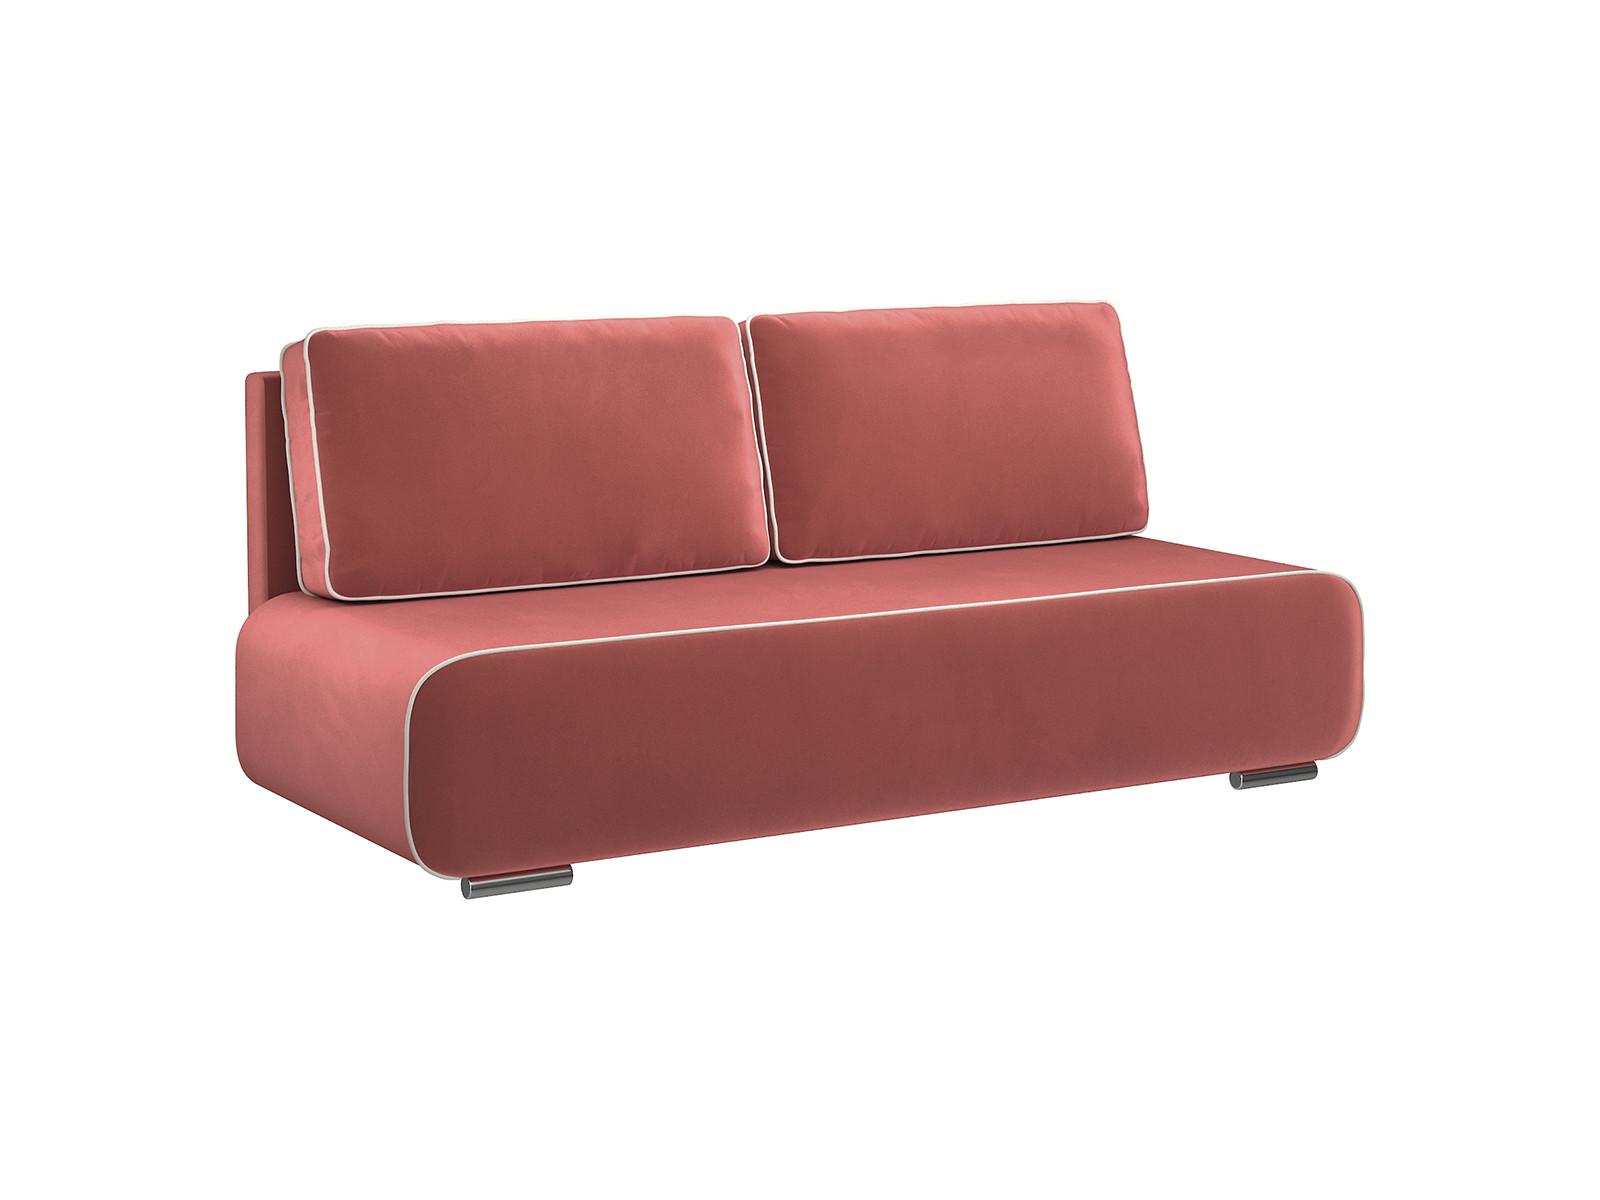 Диван тканевый прямой Лаки D1 furniture Amigo пурпурно-красный (Велюр)